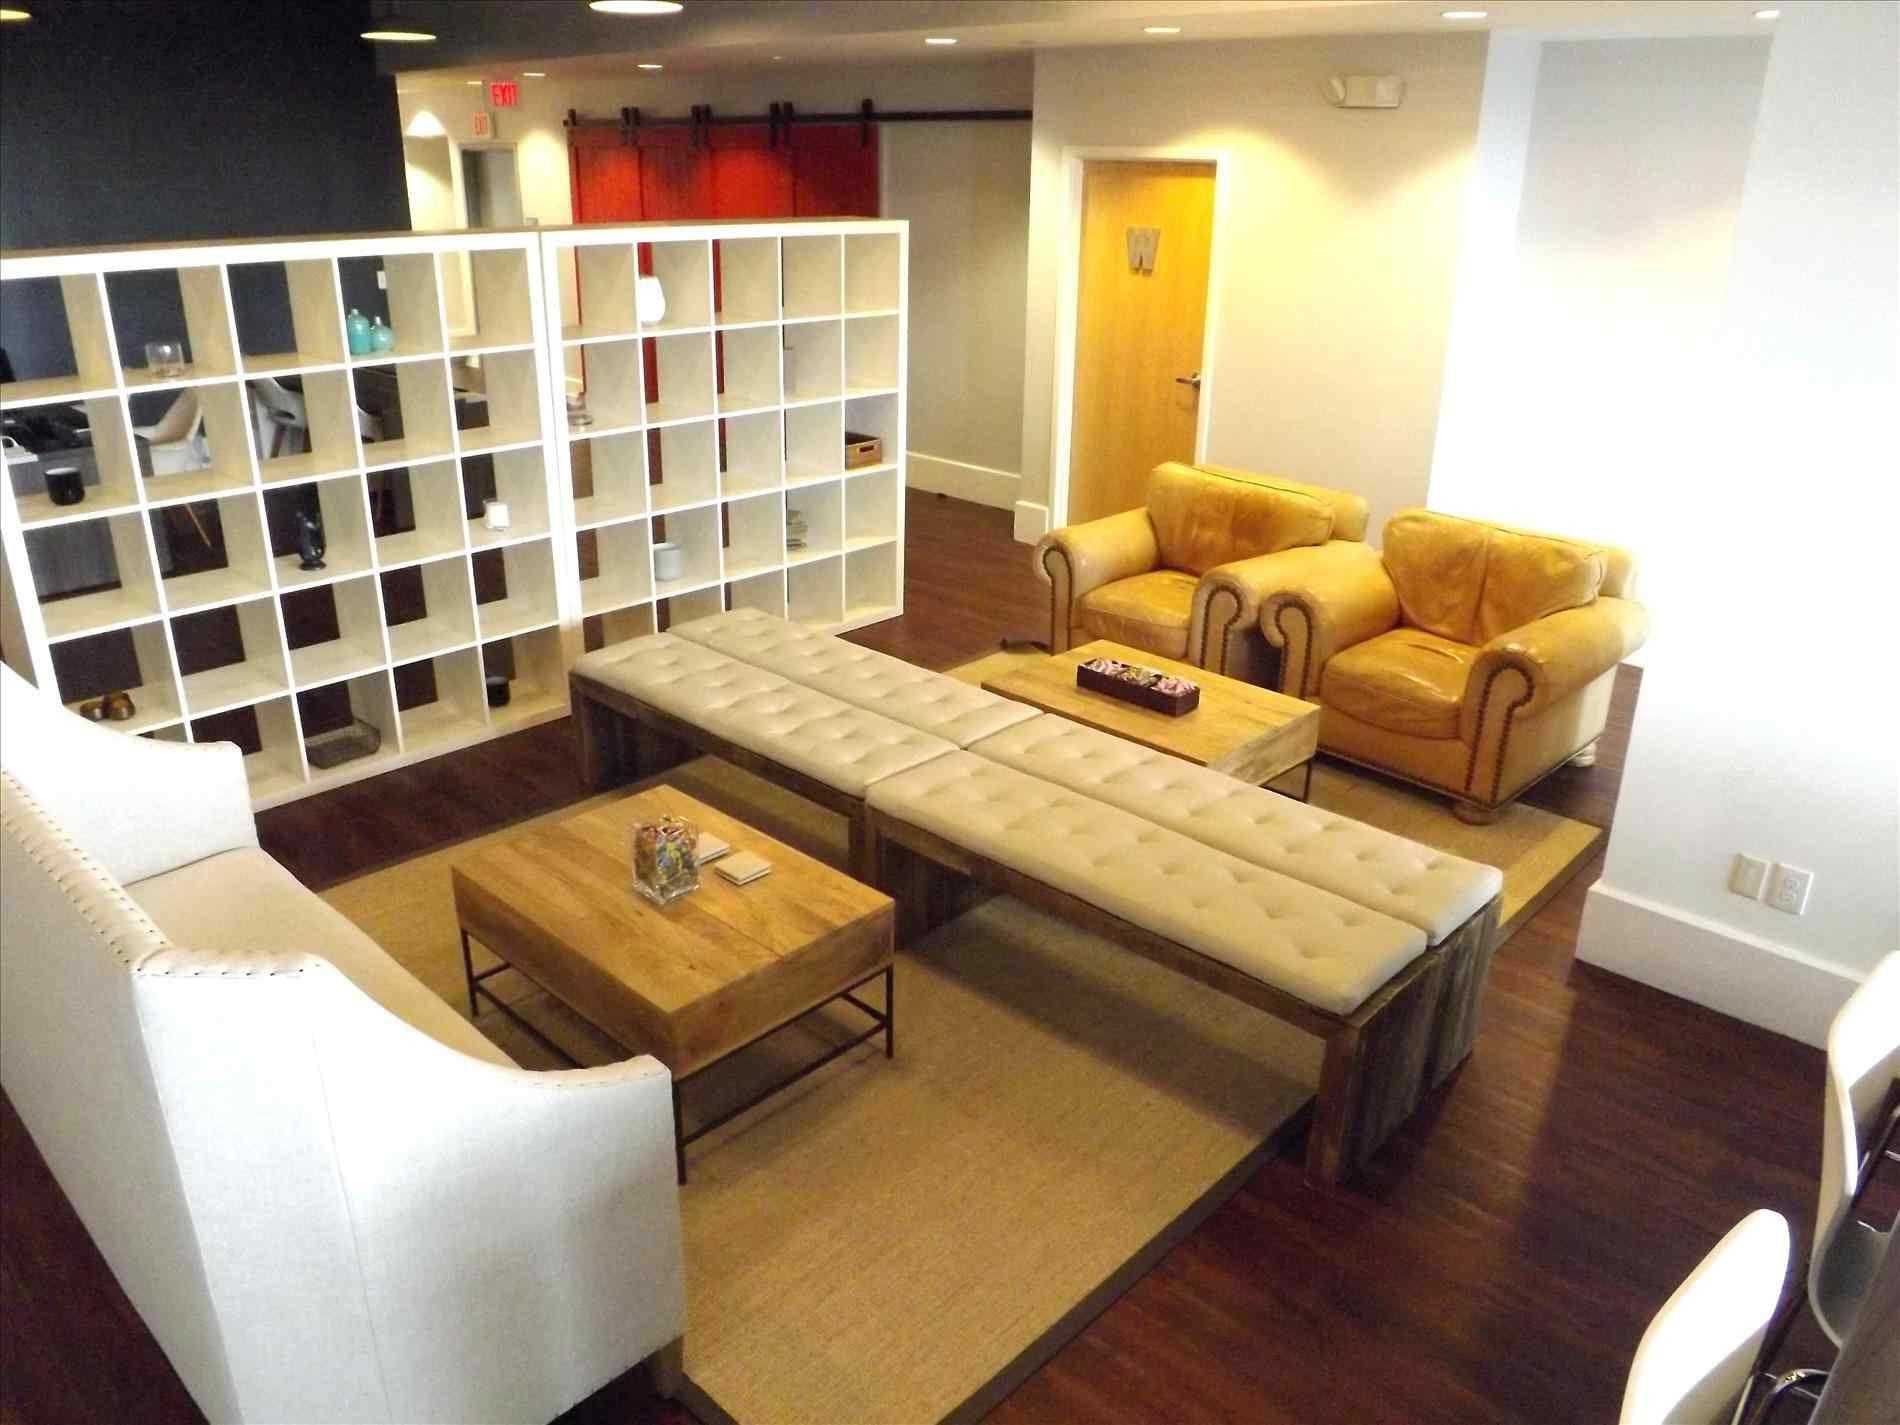 zen office design. Brilliant Gorgeous 10+ Zen Office Design Ideas For Cozy Room Https://breakpr .